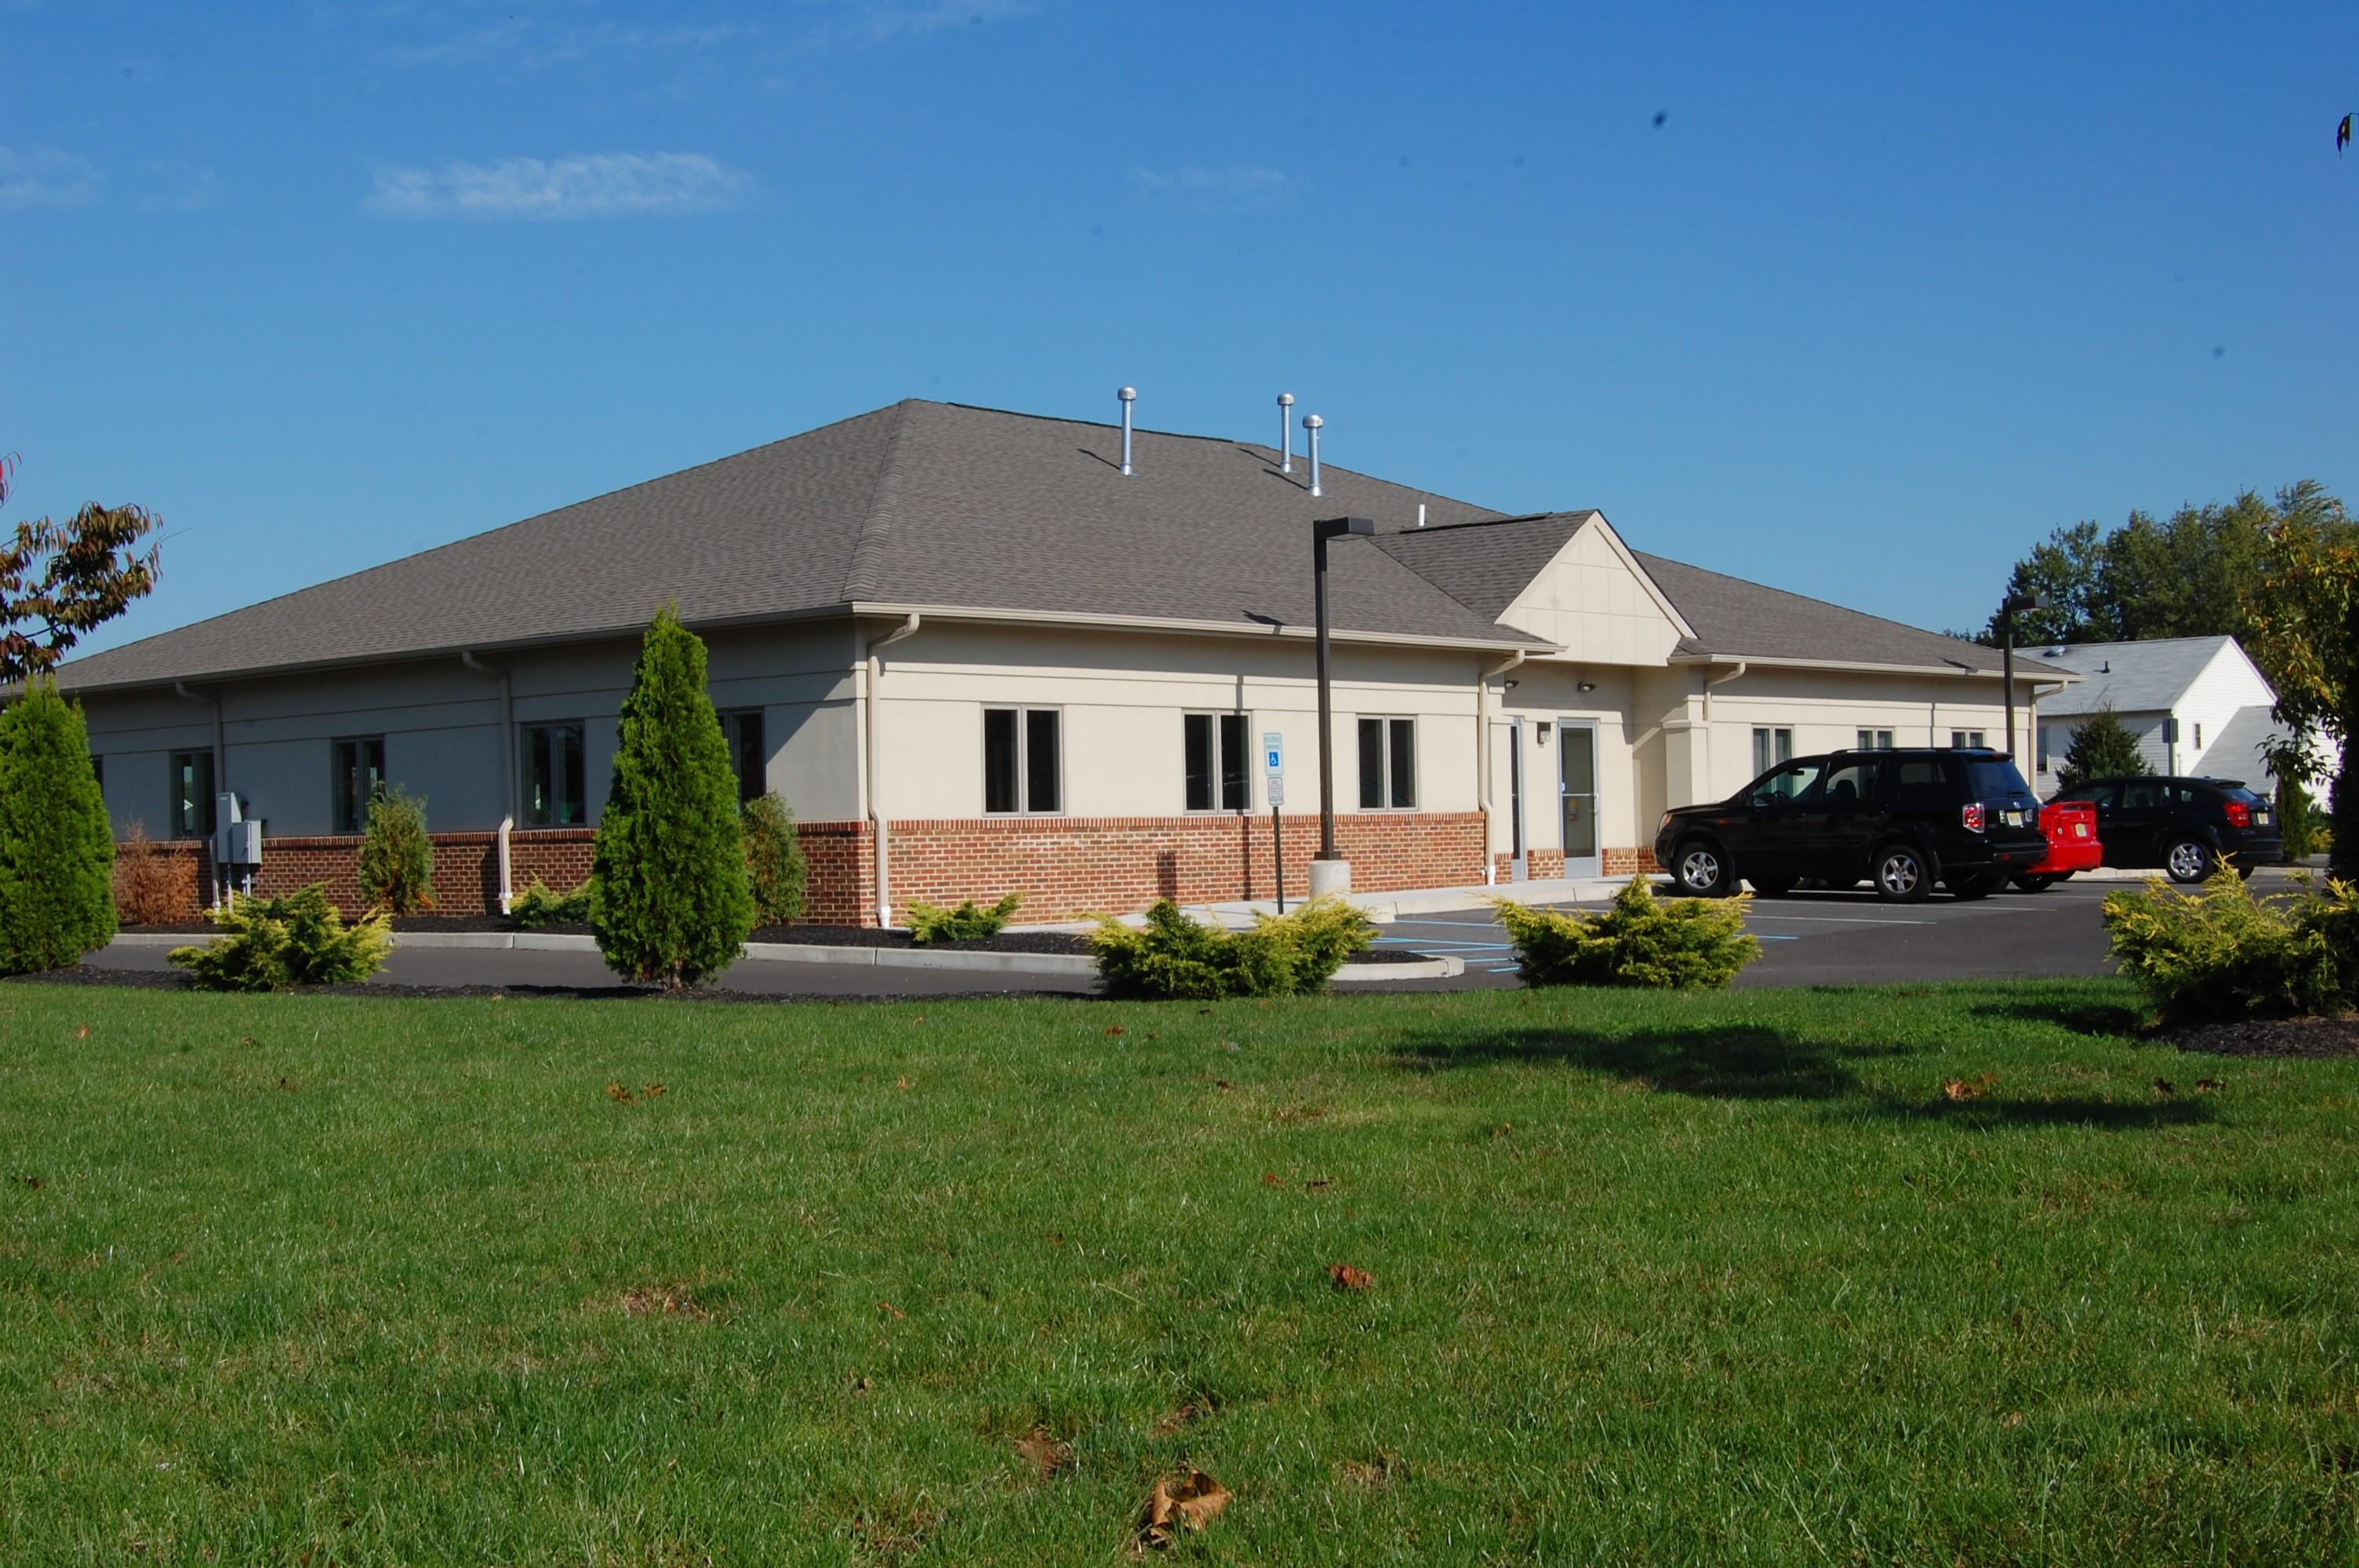 Chews landing commons lease office in laurel springs for Laurel springs